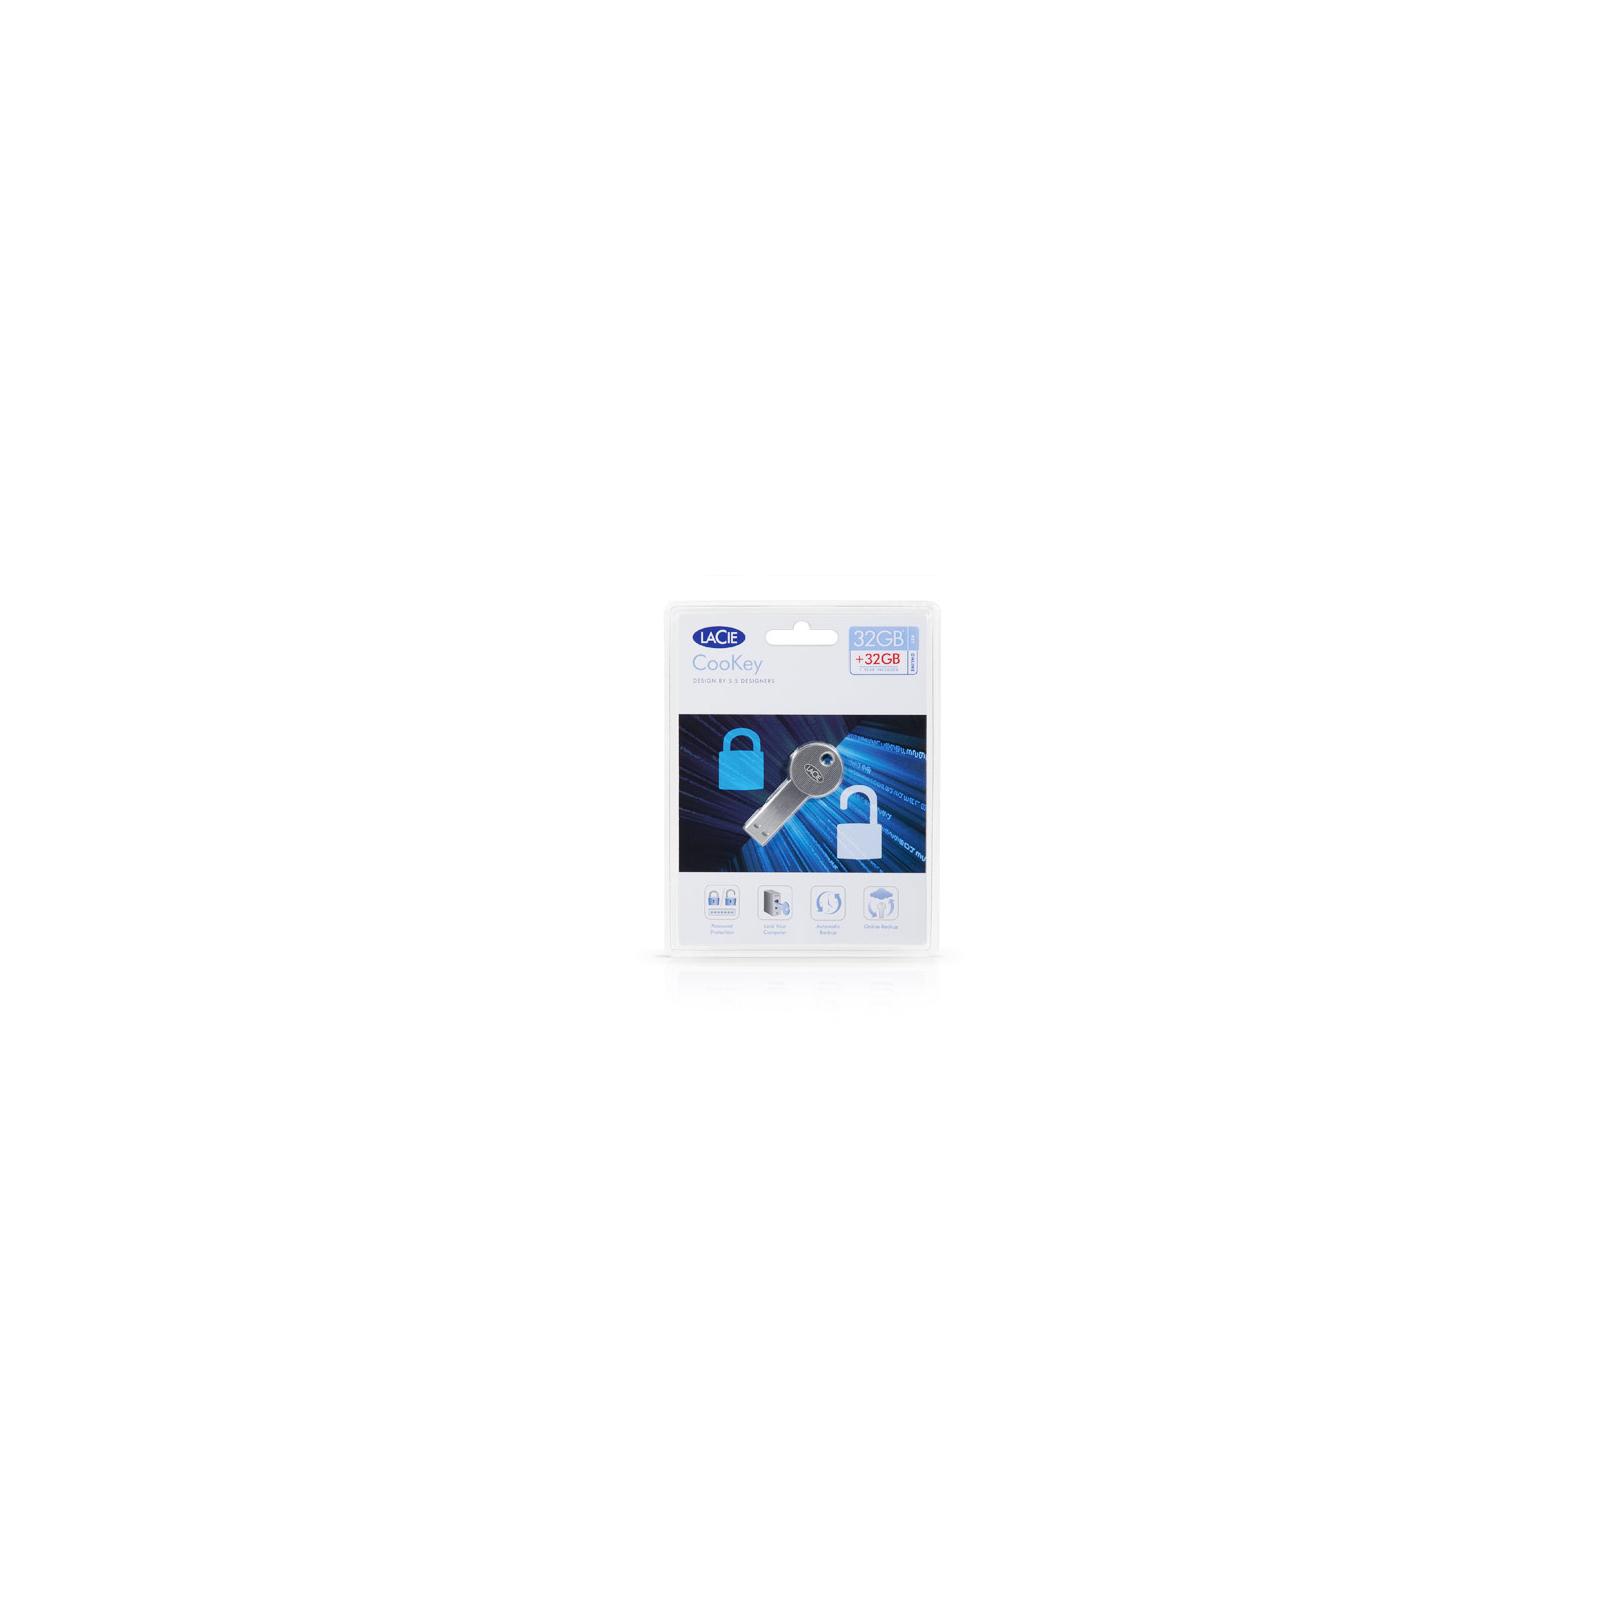 USB флеш накопитель LaCie 32Gb CooKey (131051) изображение 5